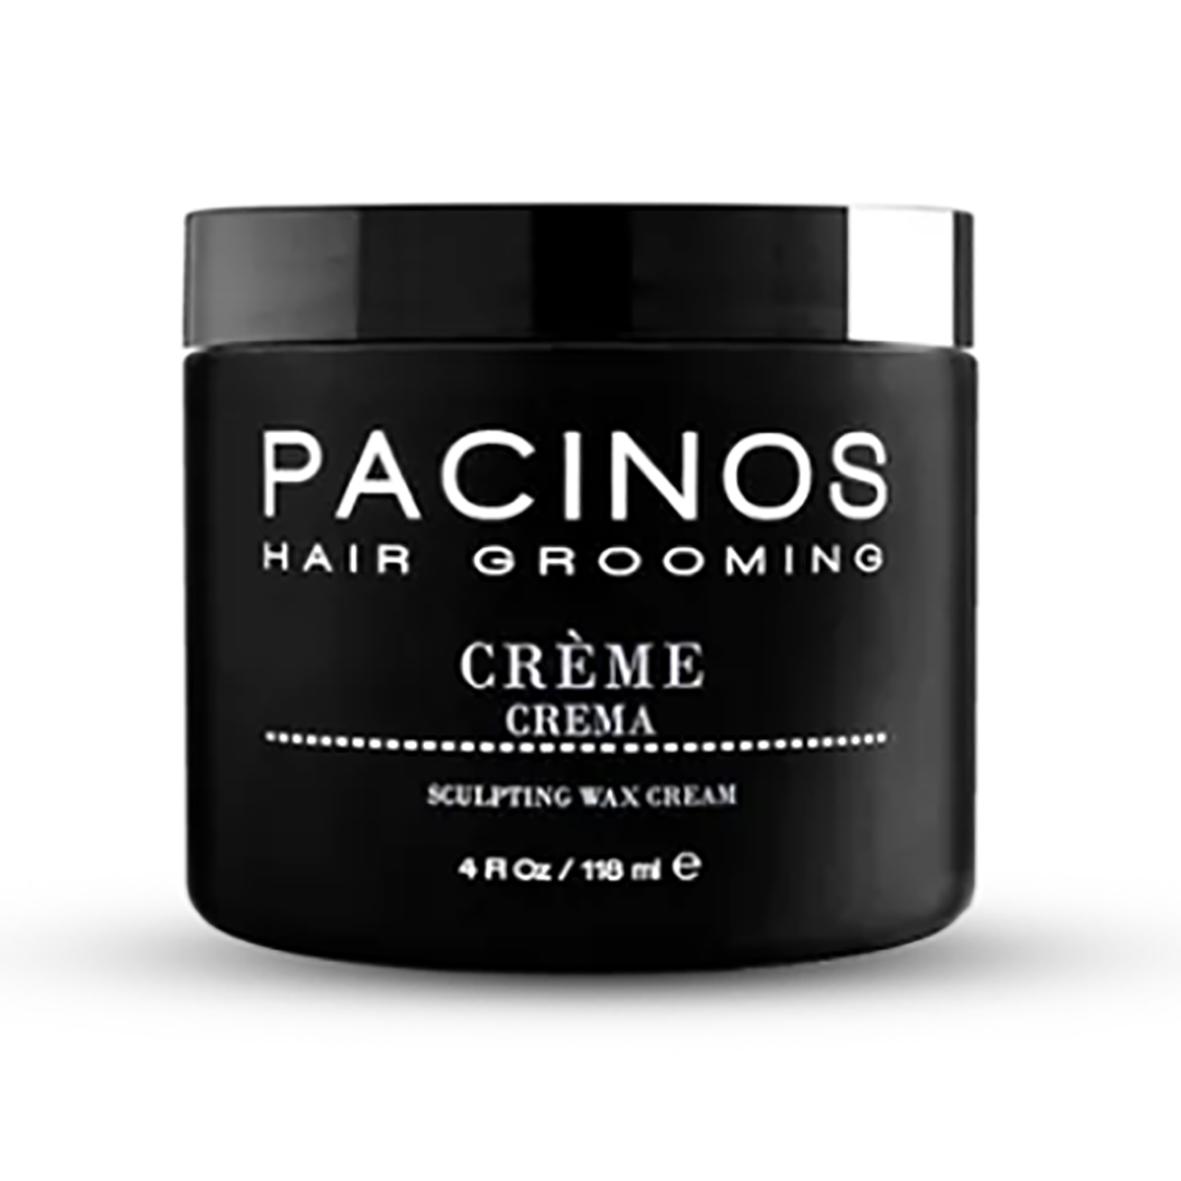 01 Crema modellante Pacinos Hair Grooming da 110 ml